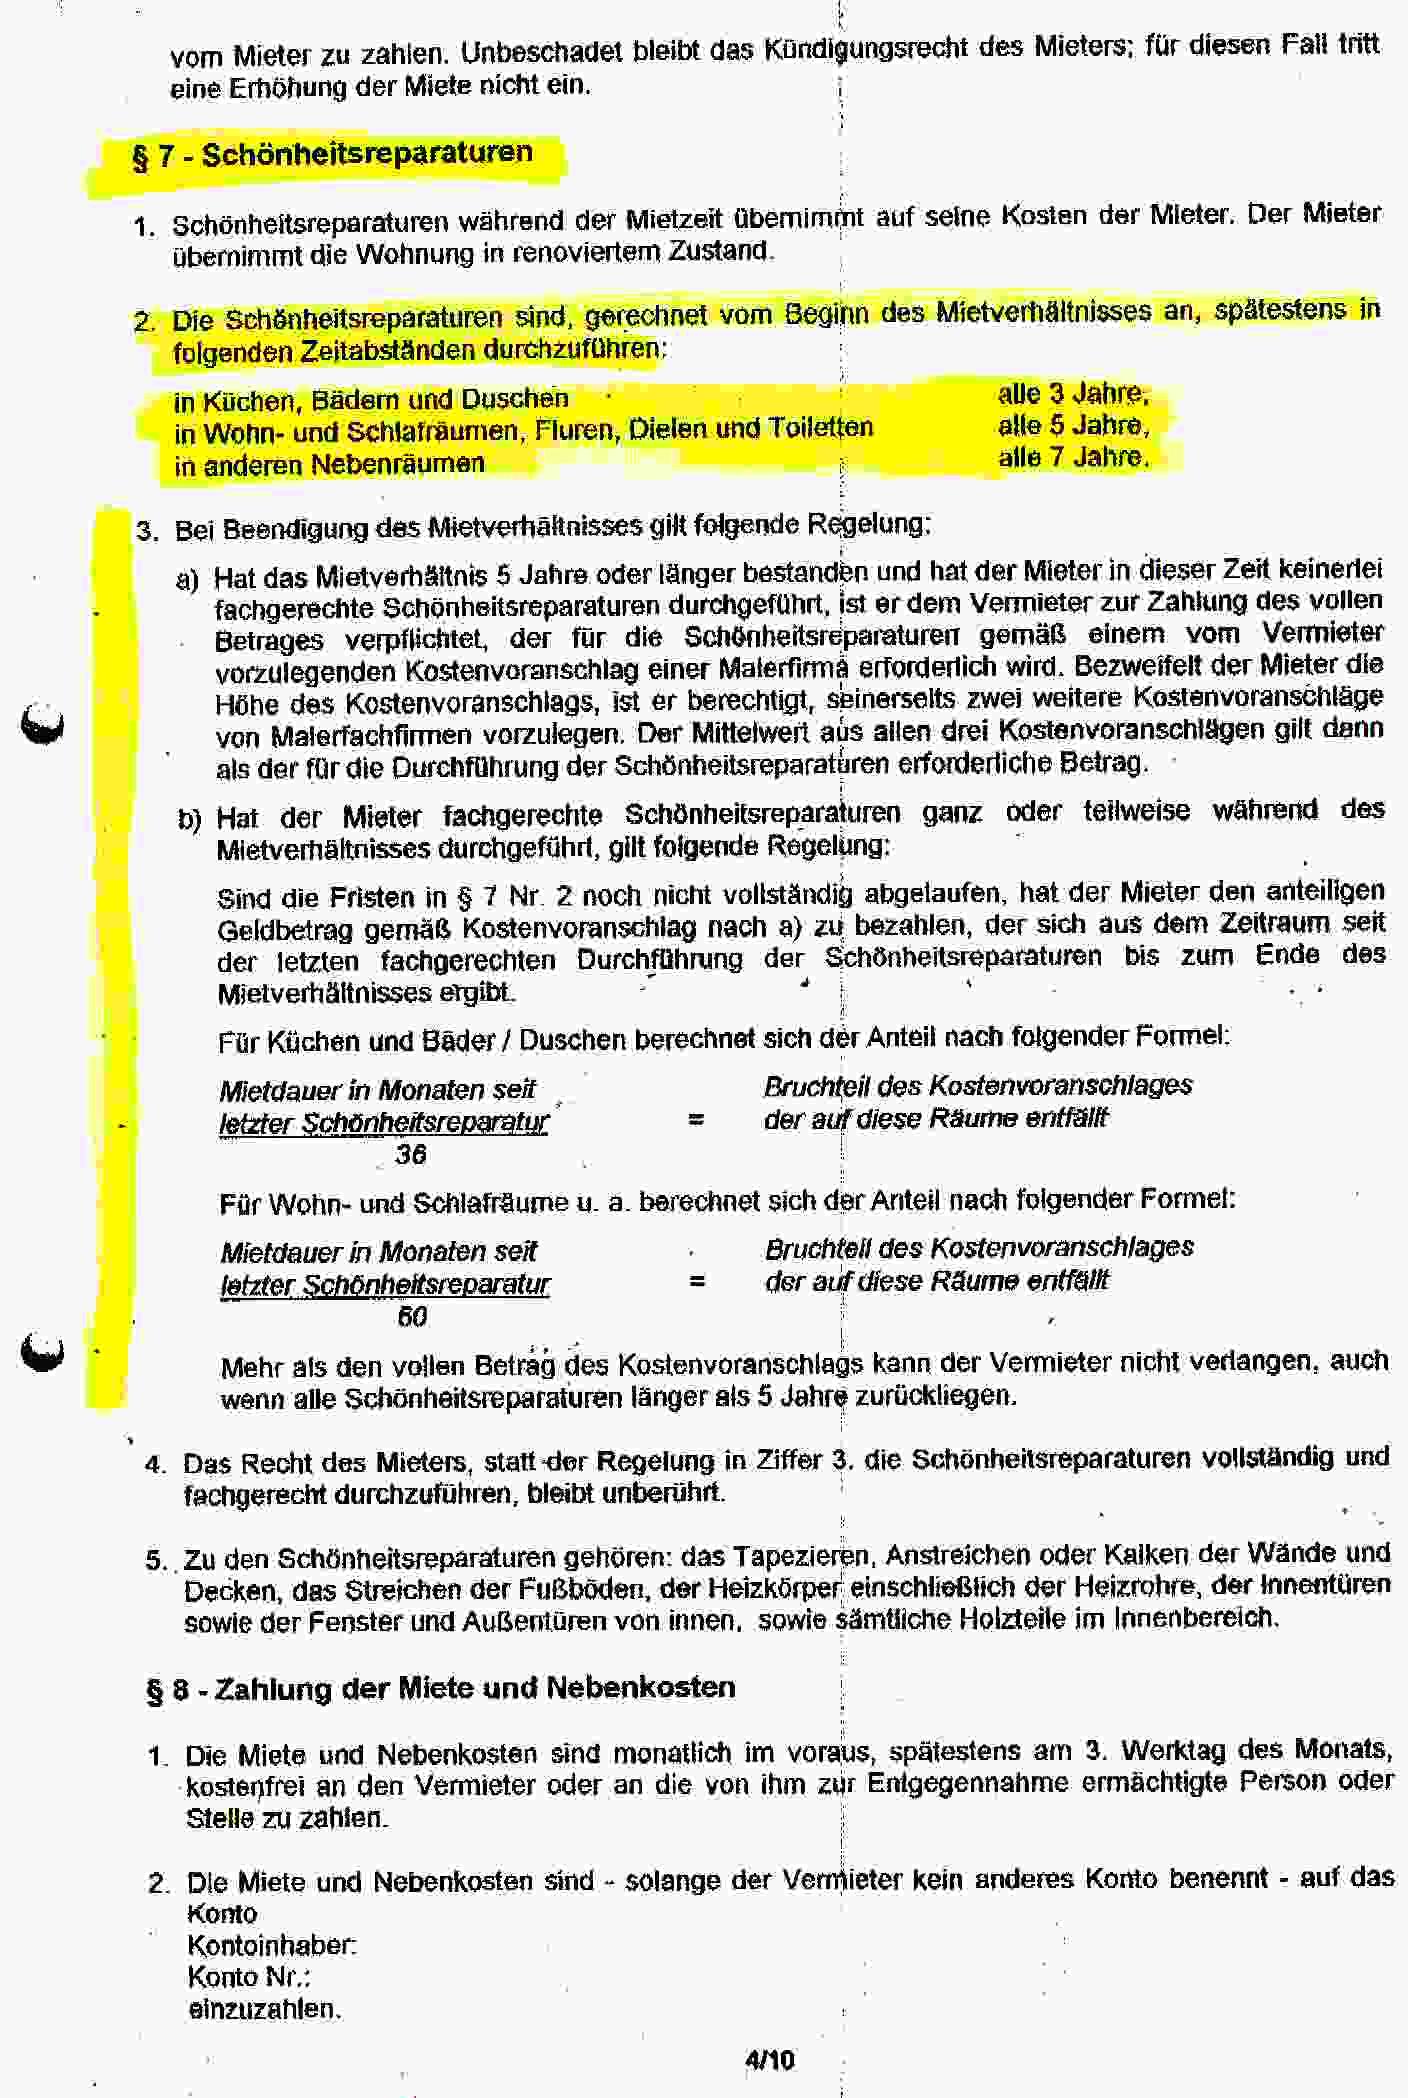 Schonheitsreparaturklausel In Mietvertragen Unwirksamkeit Starrer